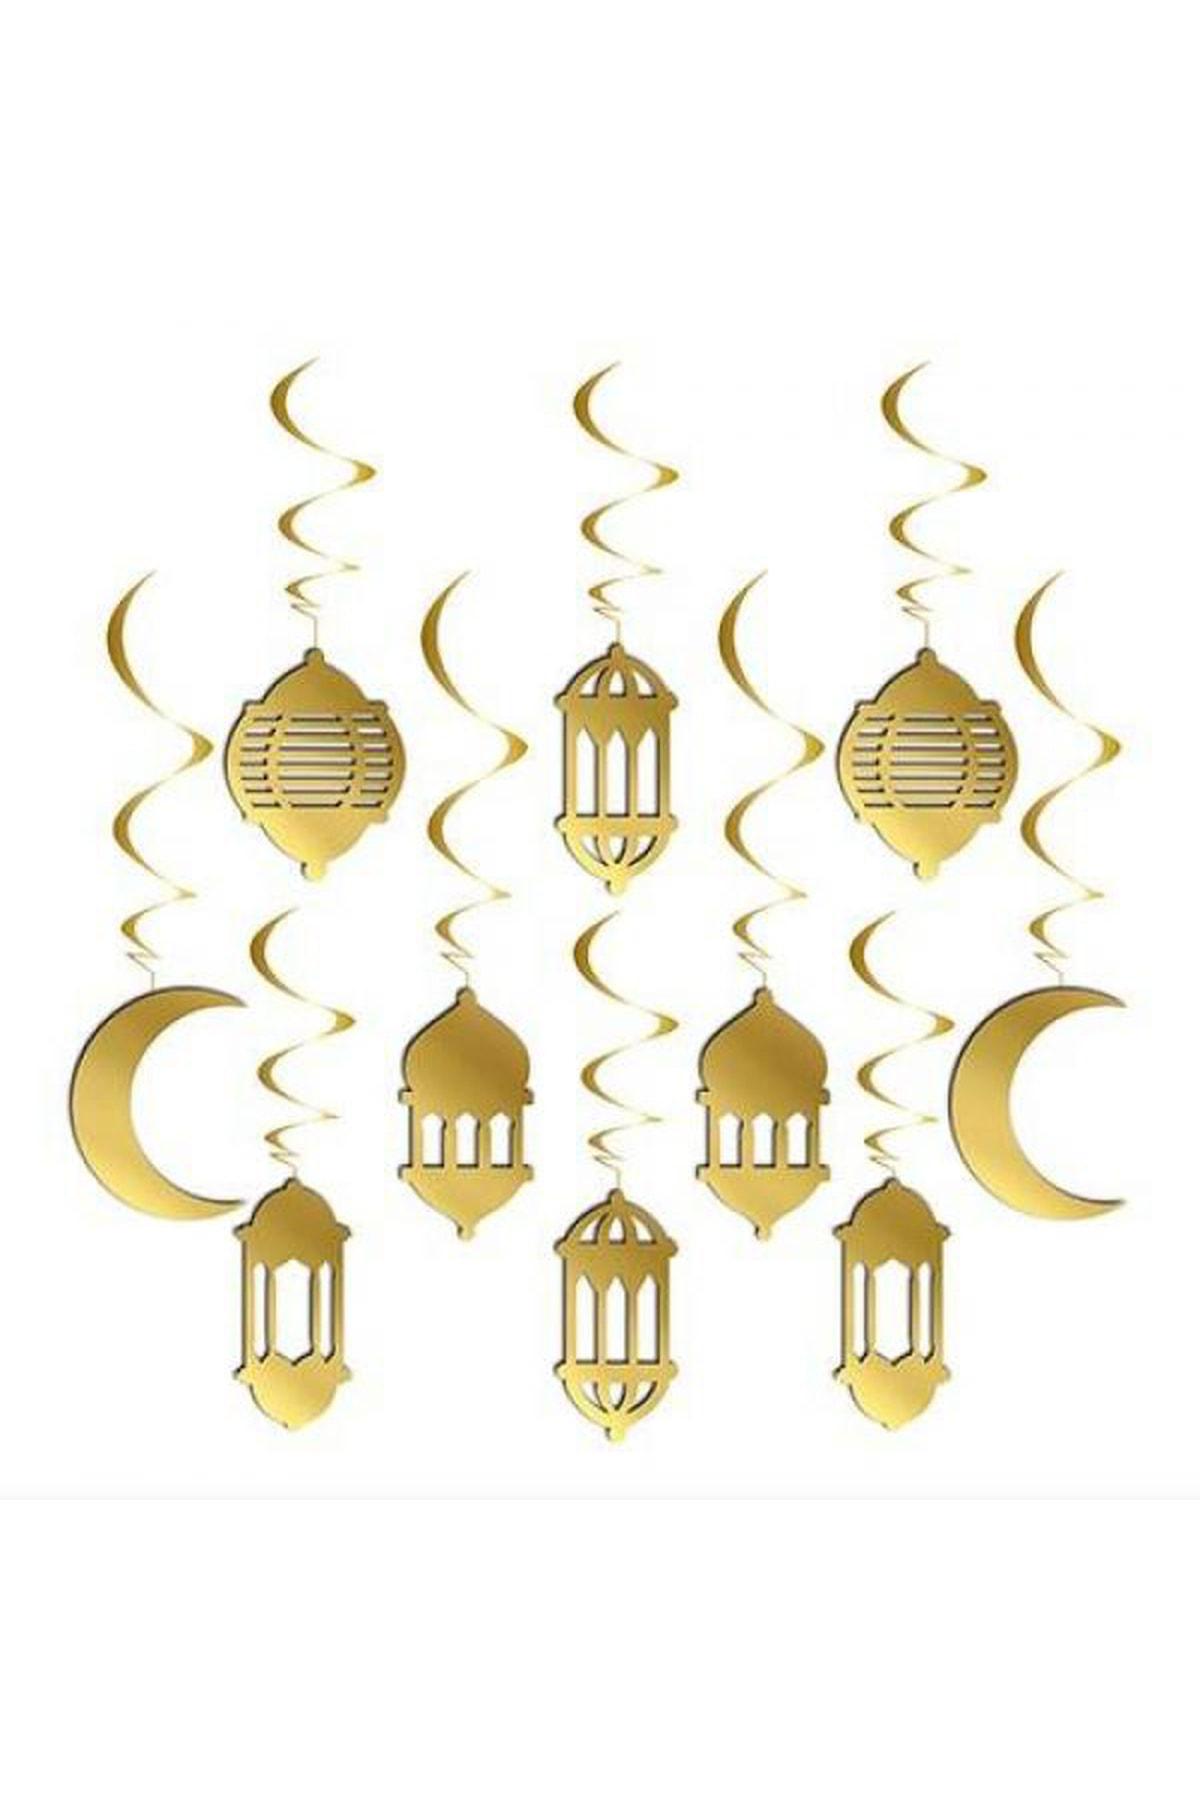 10 lu Gold 3D Tavan Süs Hoşgeldin Kurban Bayramı 11 Ayın Sultanı Temalı Sarkıt Dini İslami Süsü